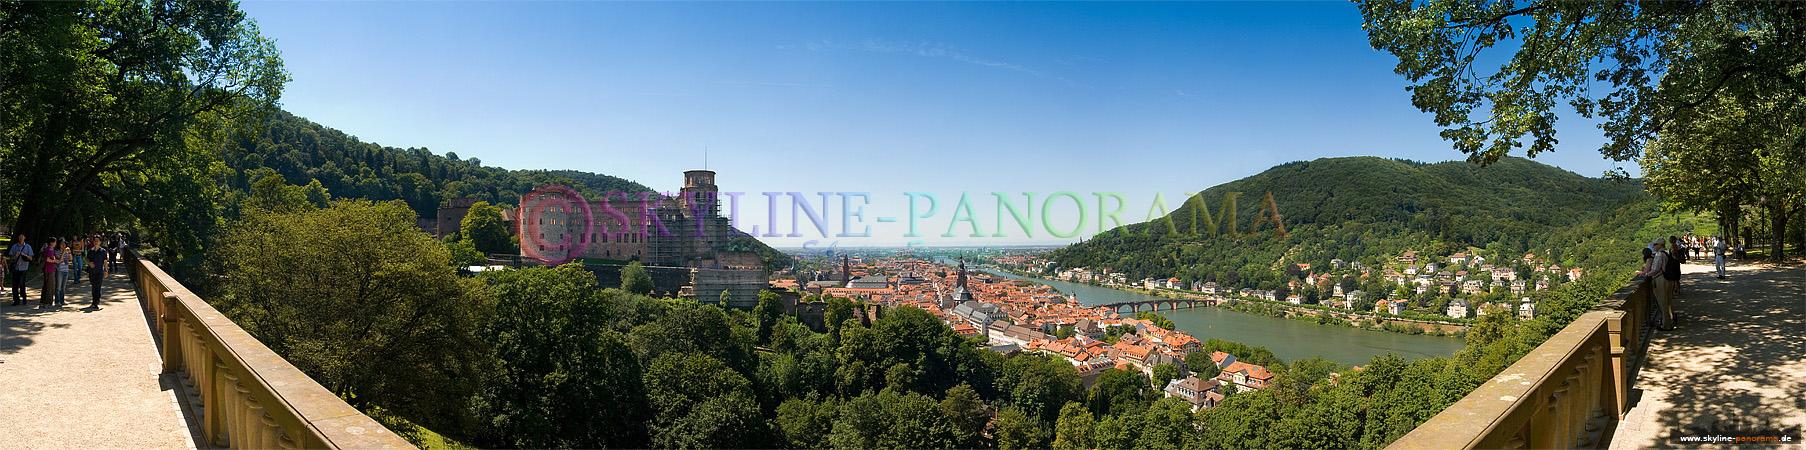 Panorama von Heidelberg - Die Altstadt von Heidelberg mit dem Schloss aus dem Schlossgarten gesehen.